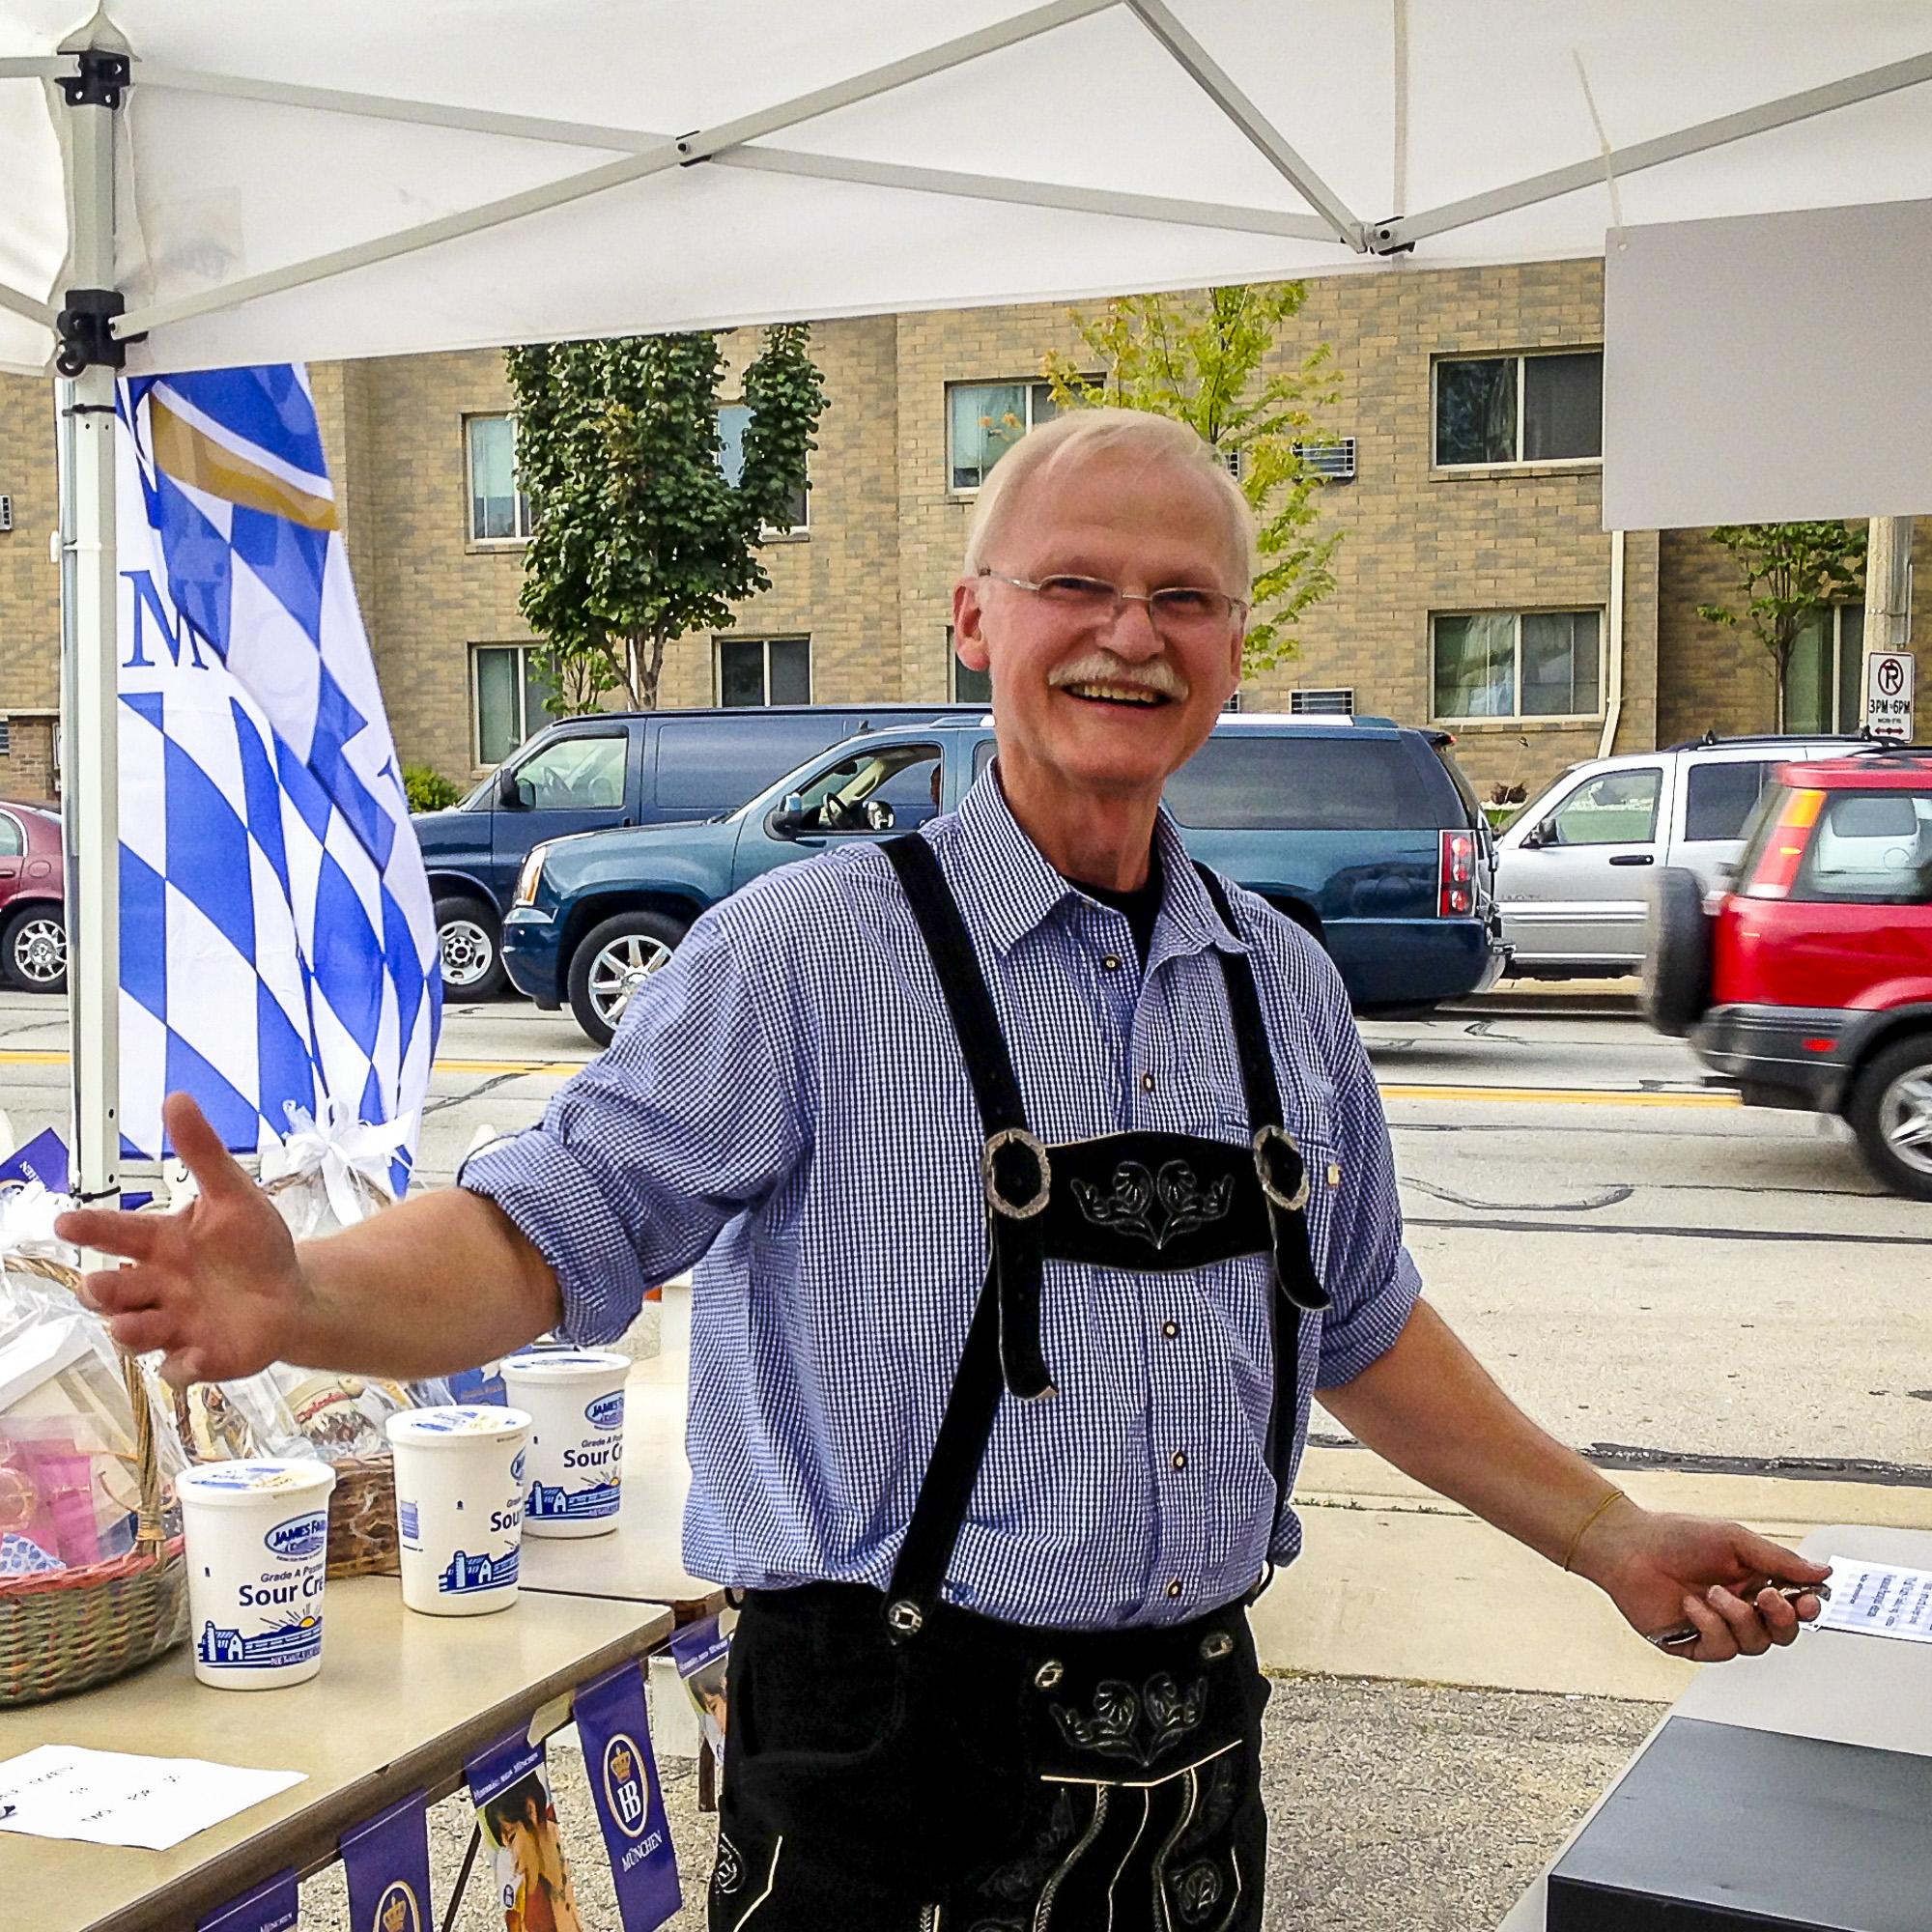 Volunteer at Oktoberfest at Kegel's Inn